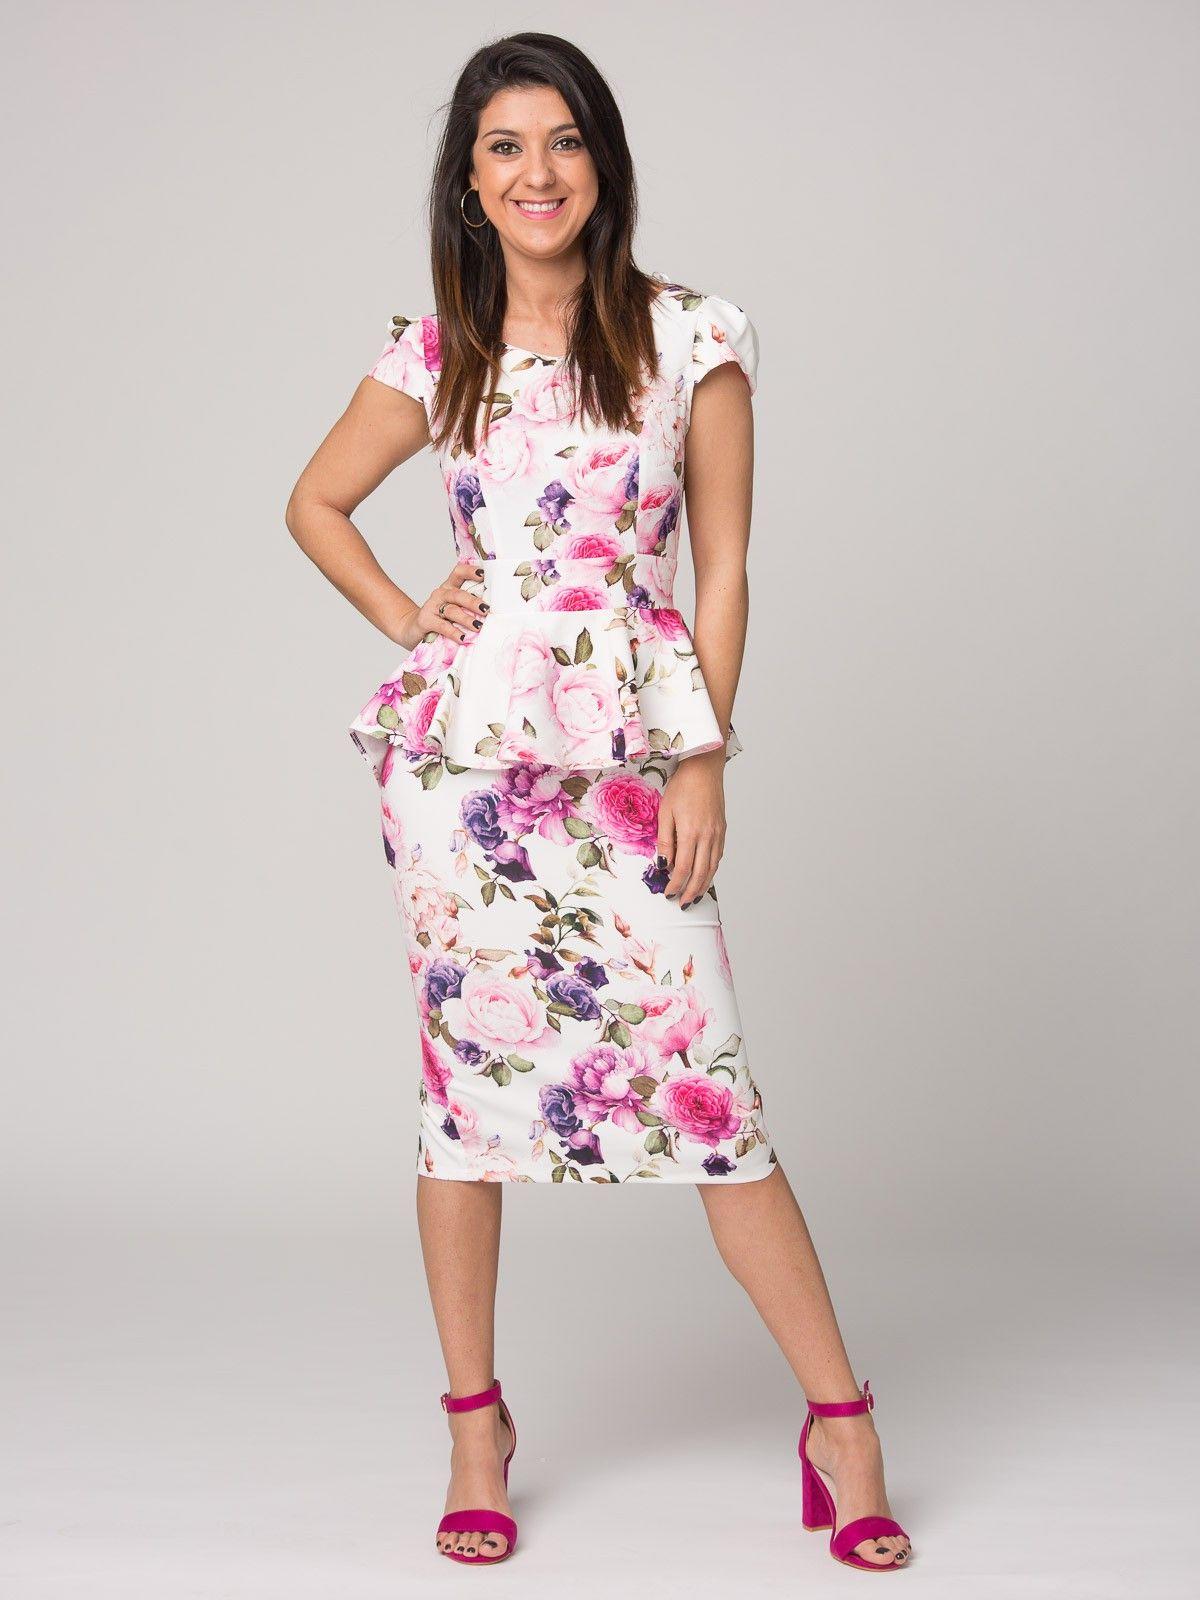 f42496cfccb Vestido Catalina - Vestido en color blanco con estampado en flores. Cuello  redondo. Manga